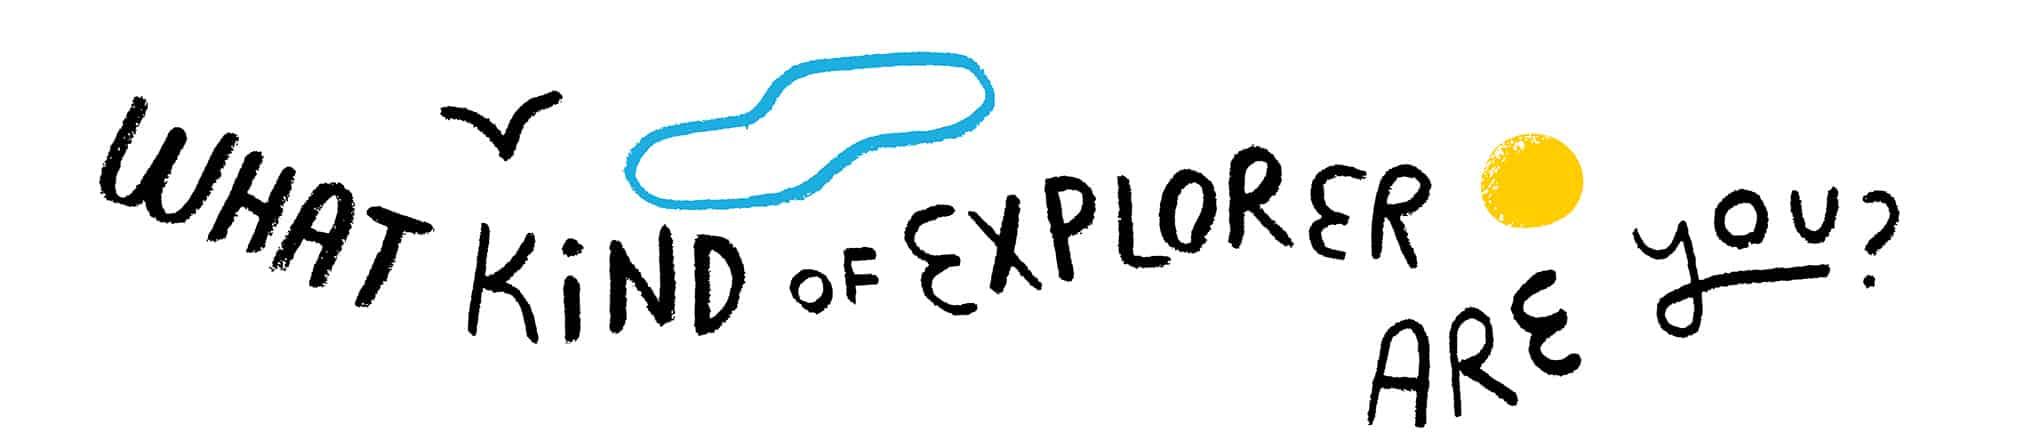 ExplorerQuiz-title